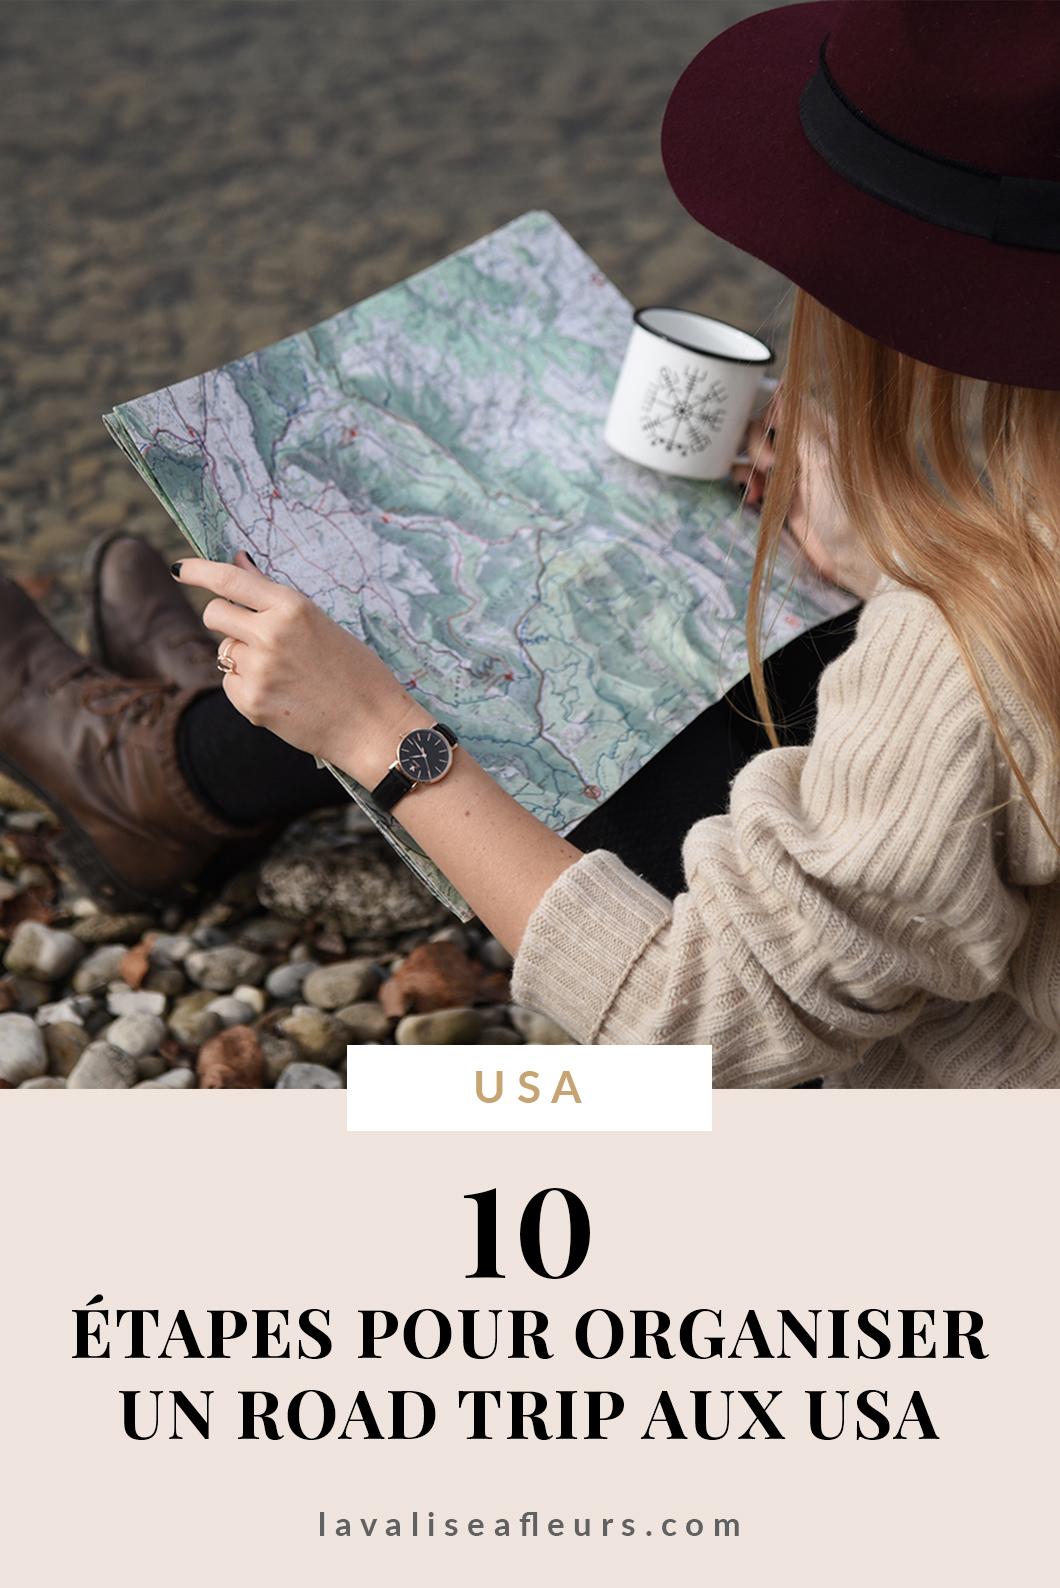 10 étapes pour organiser un road trip aux USA